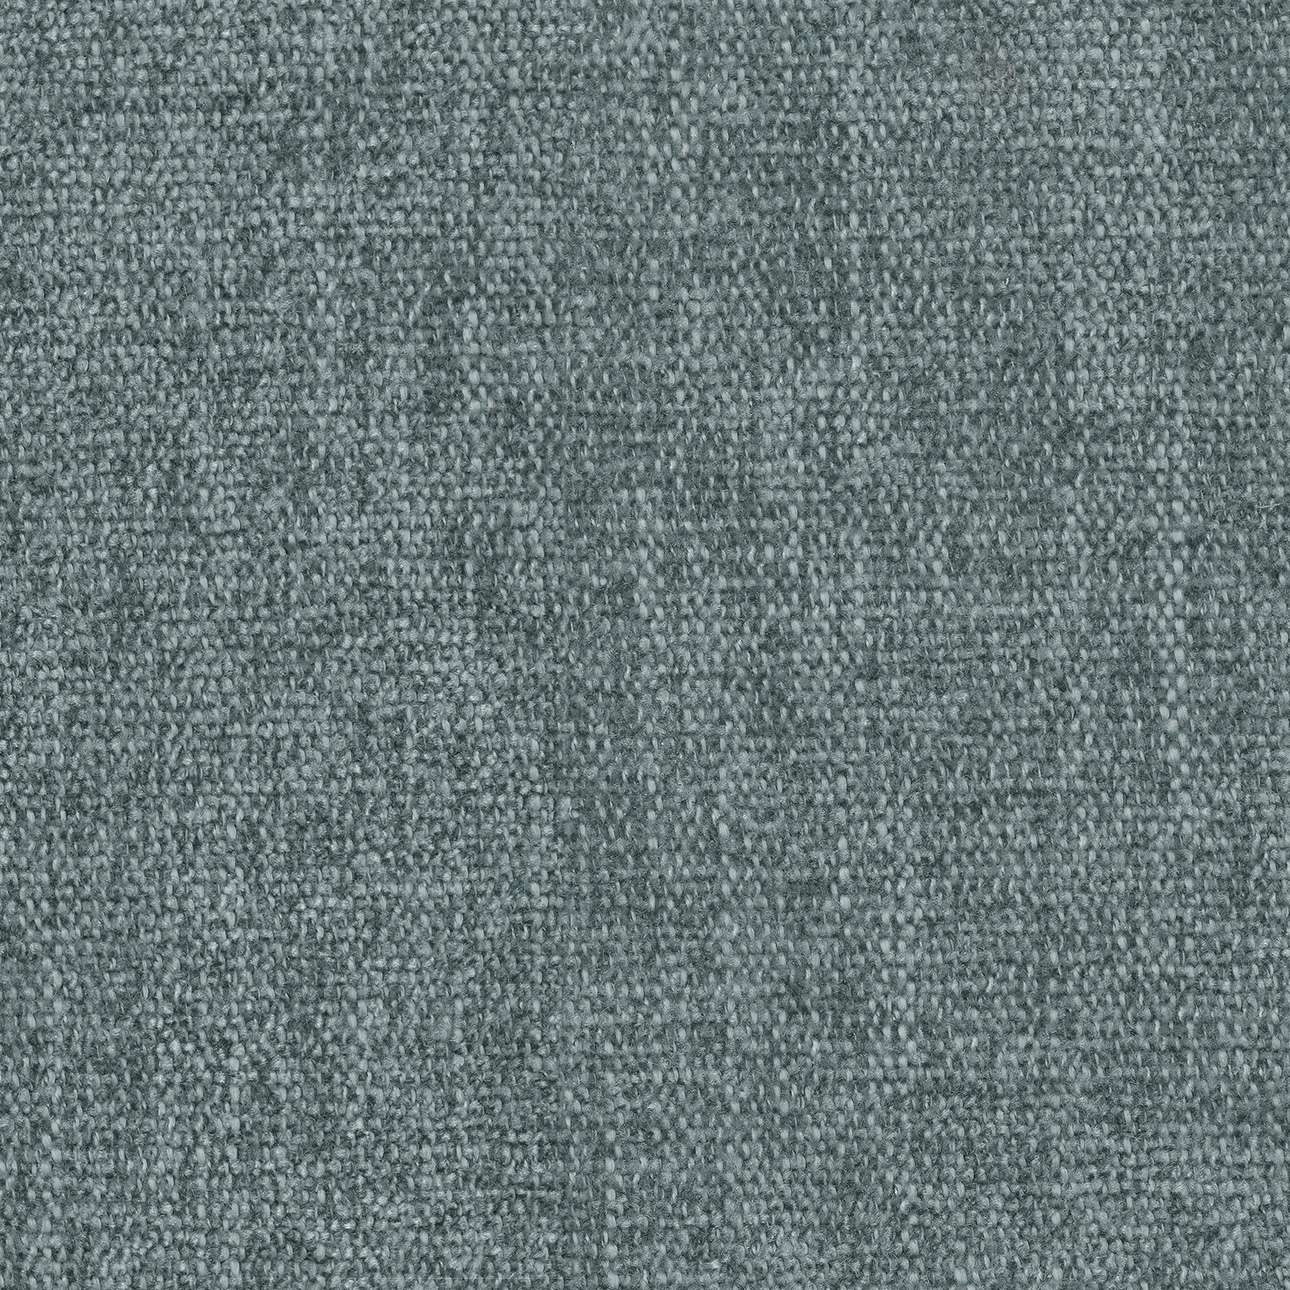 Pokrowiec na podnóżek Karlstad w kolekcji City, tkanina: 704-85